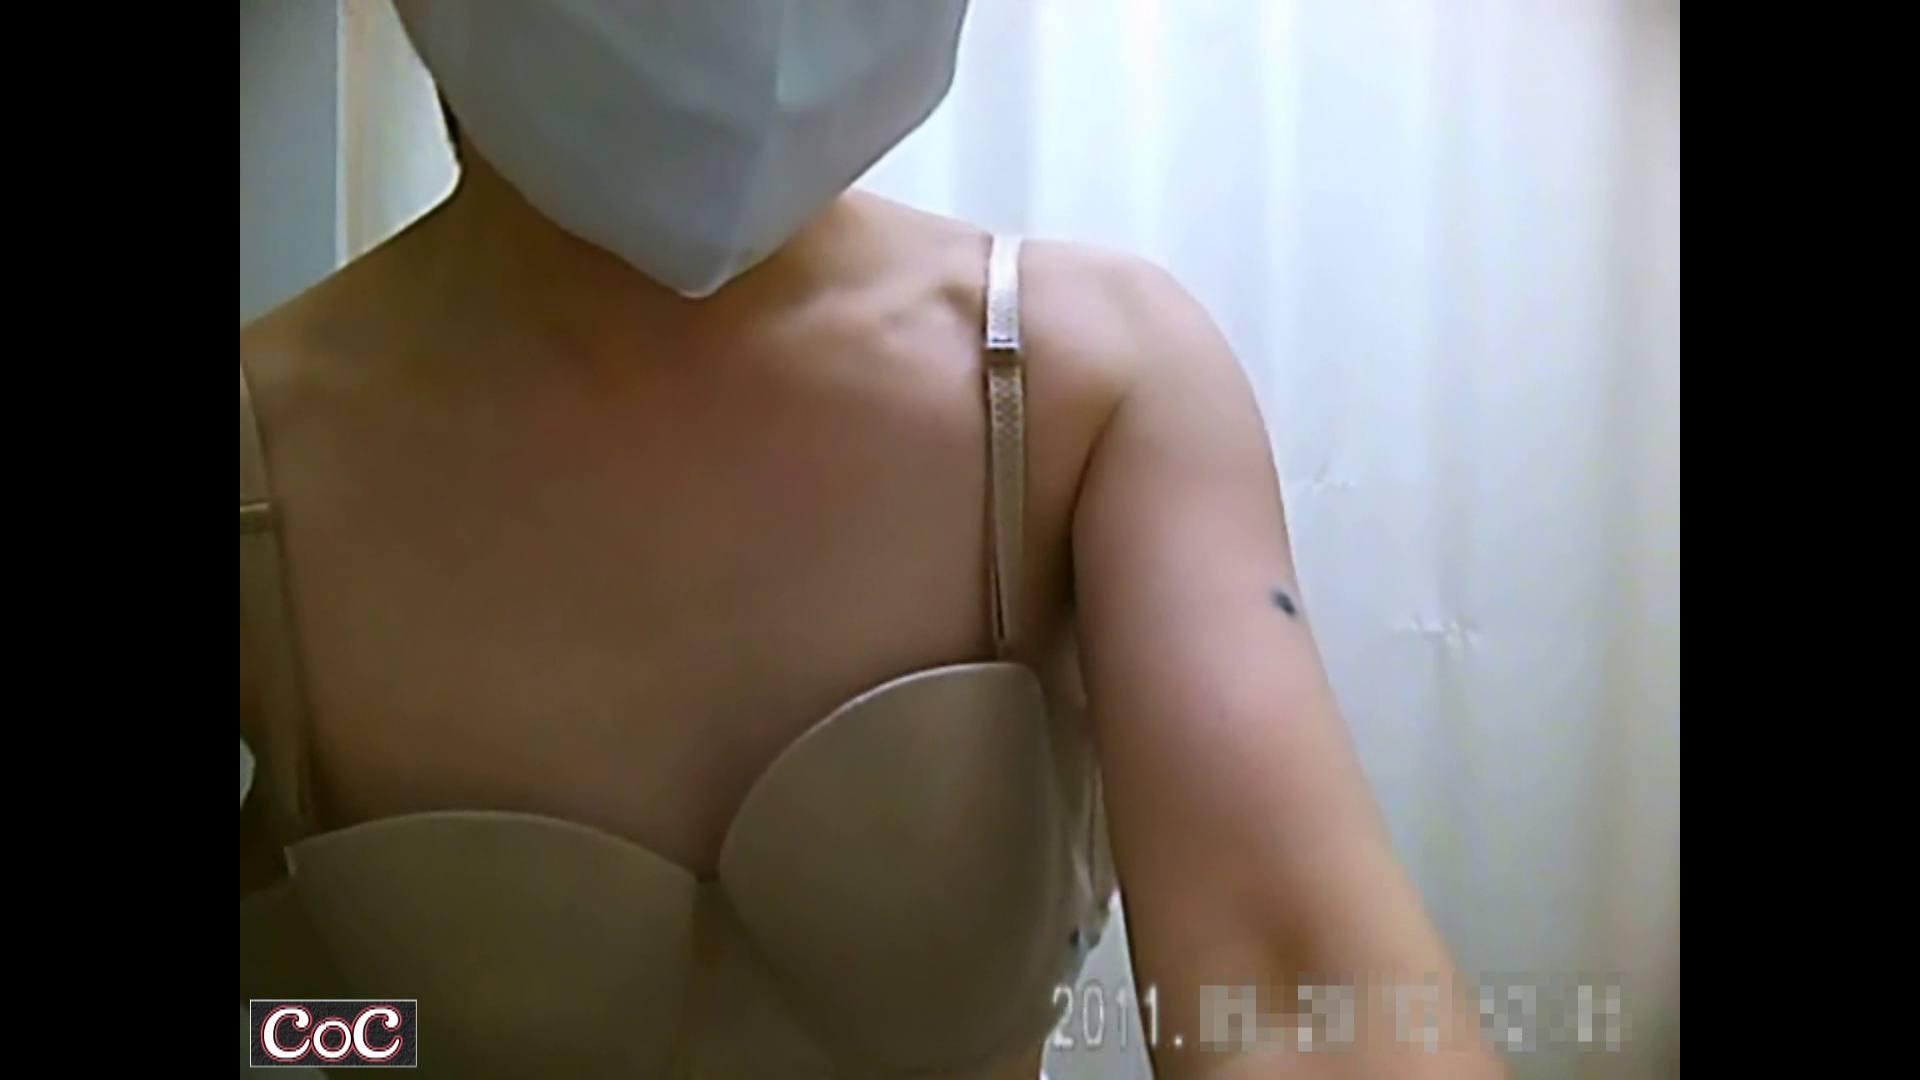 元医者による反抗 更衣室地獄絵巻 vol.165 OL   0  77連発 50